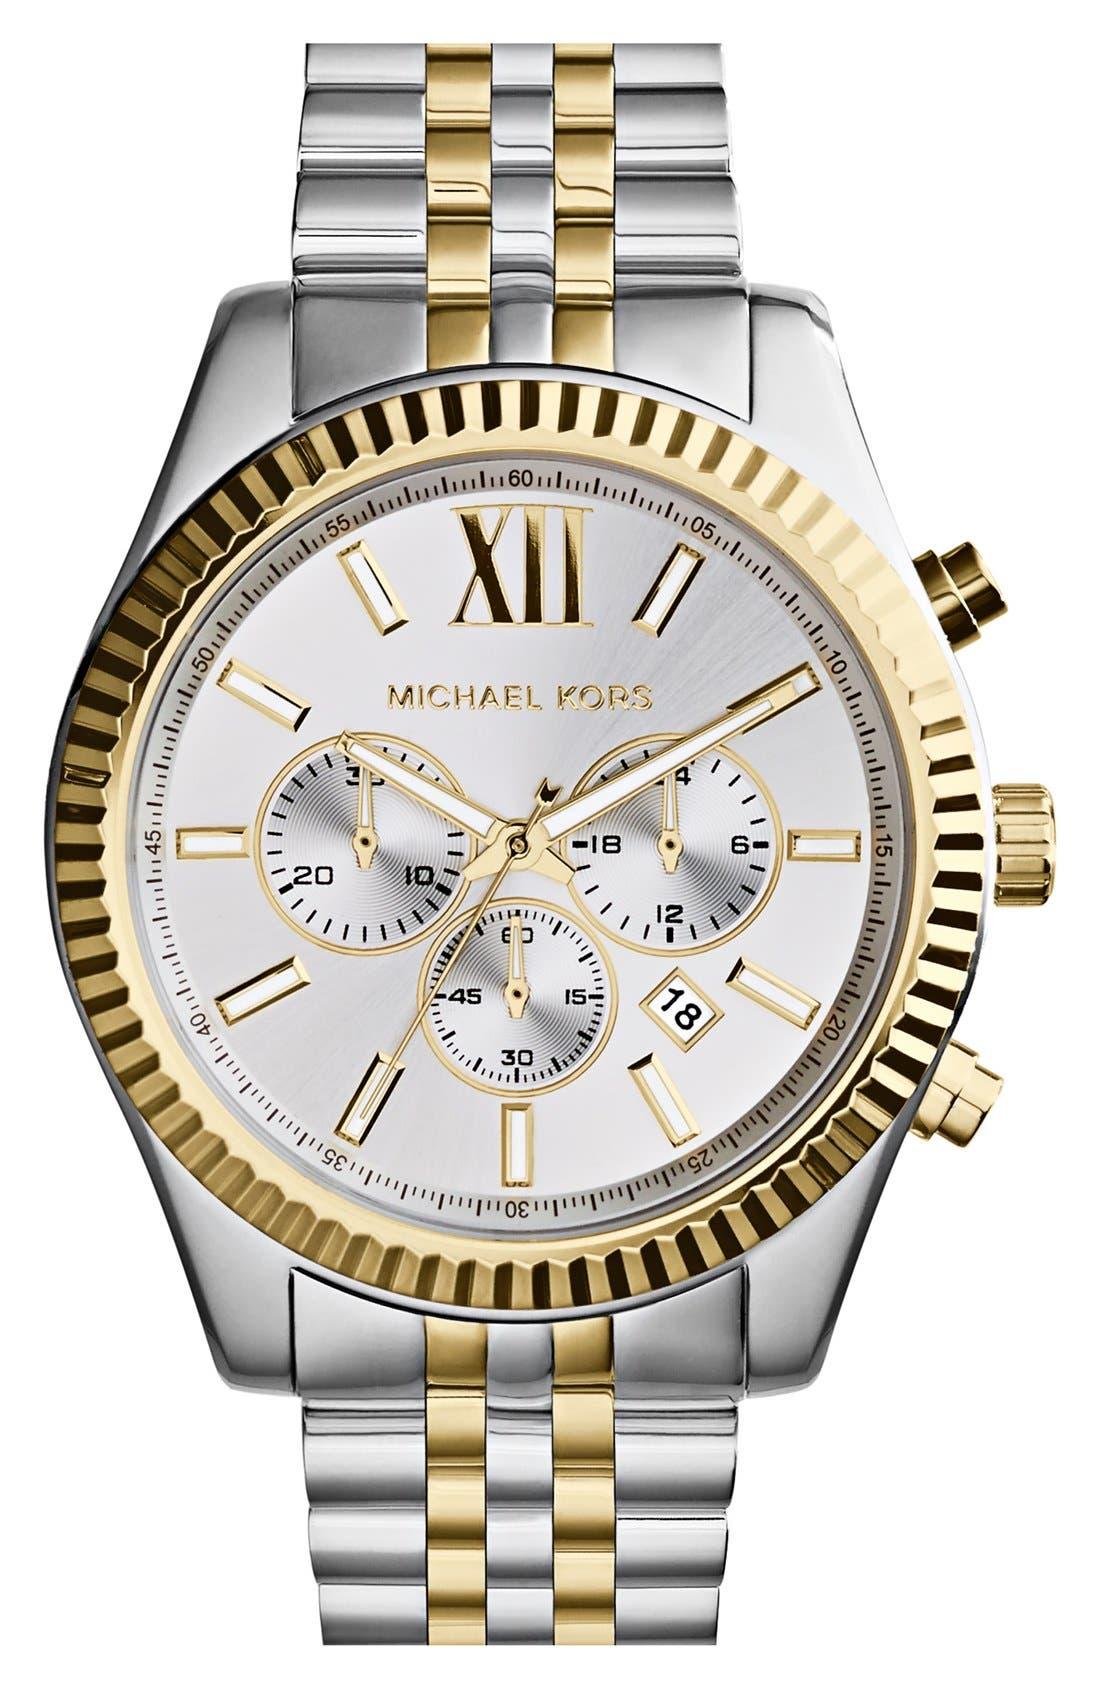 Main Image - Michael Kors Large Lexington Chronograph Bracelet Watch, 45mm